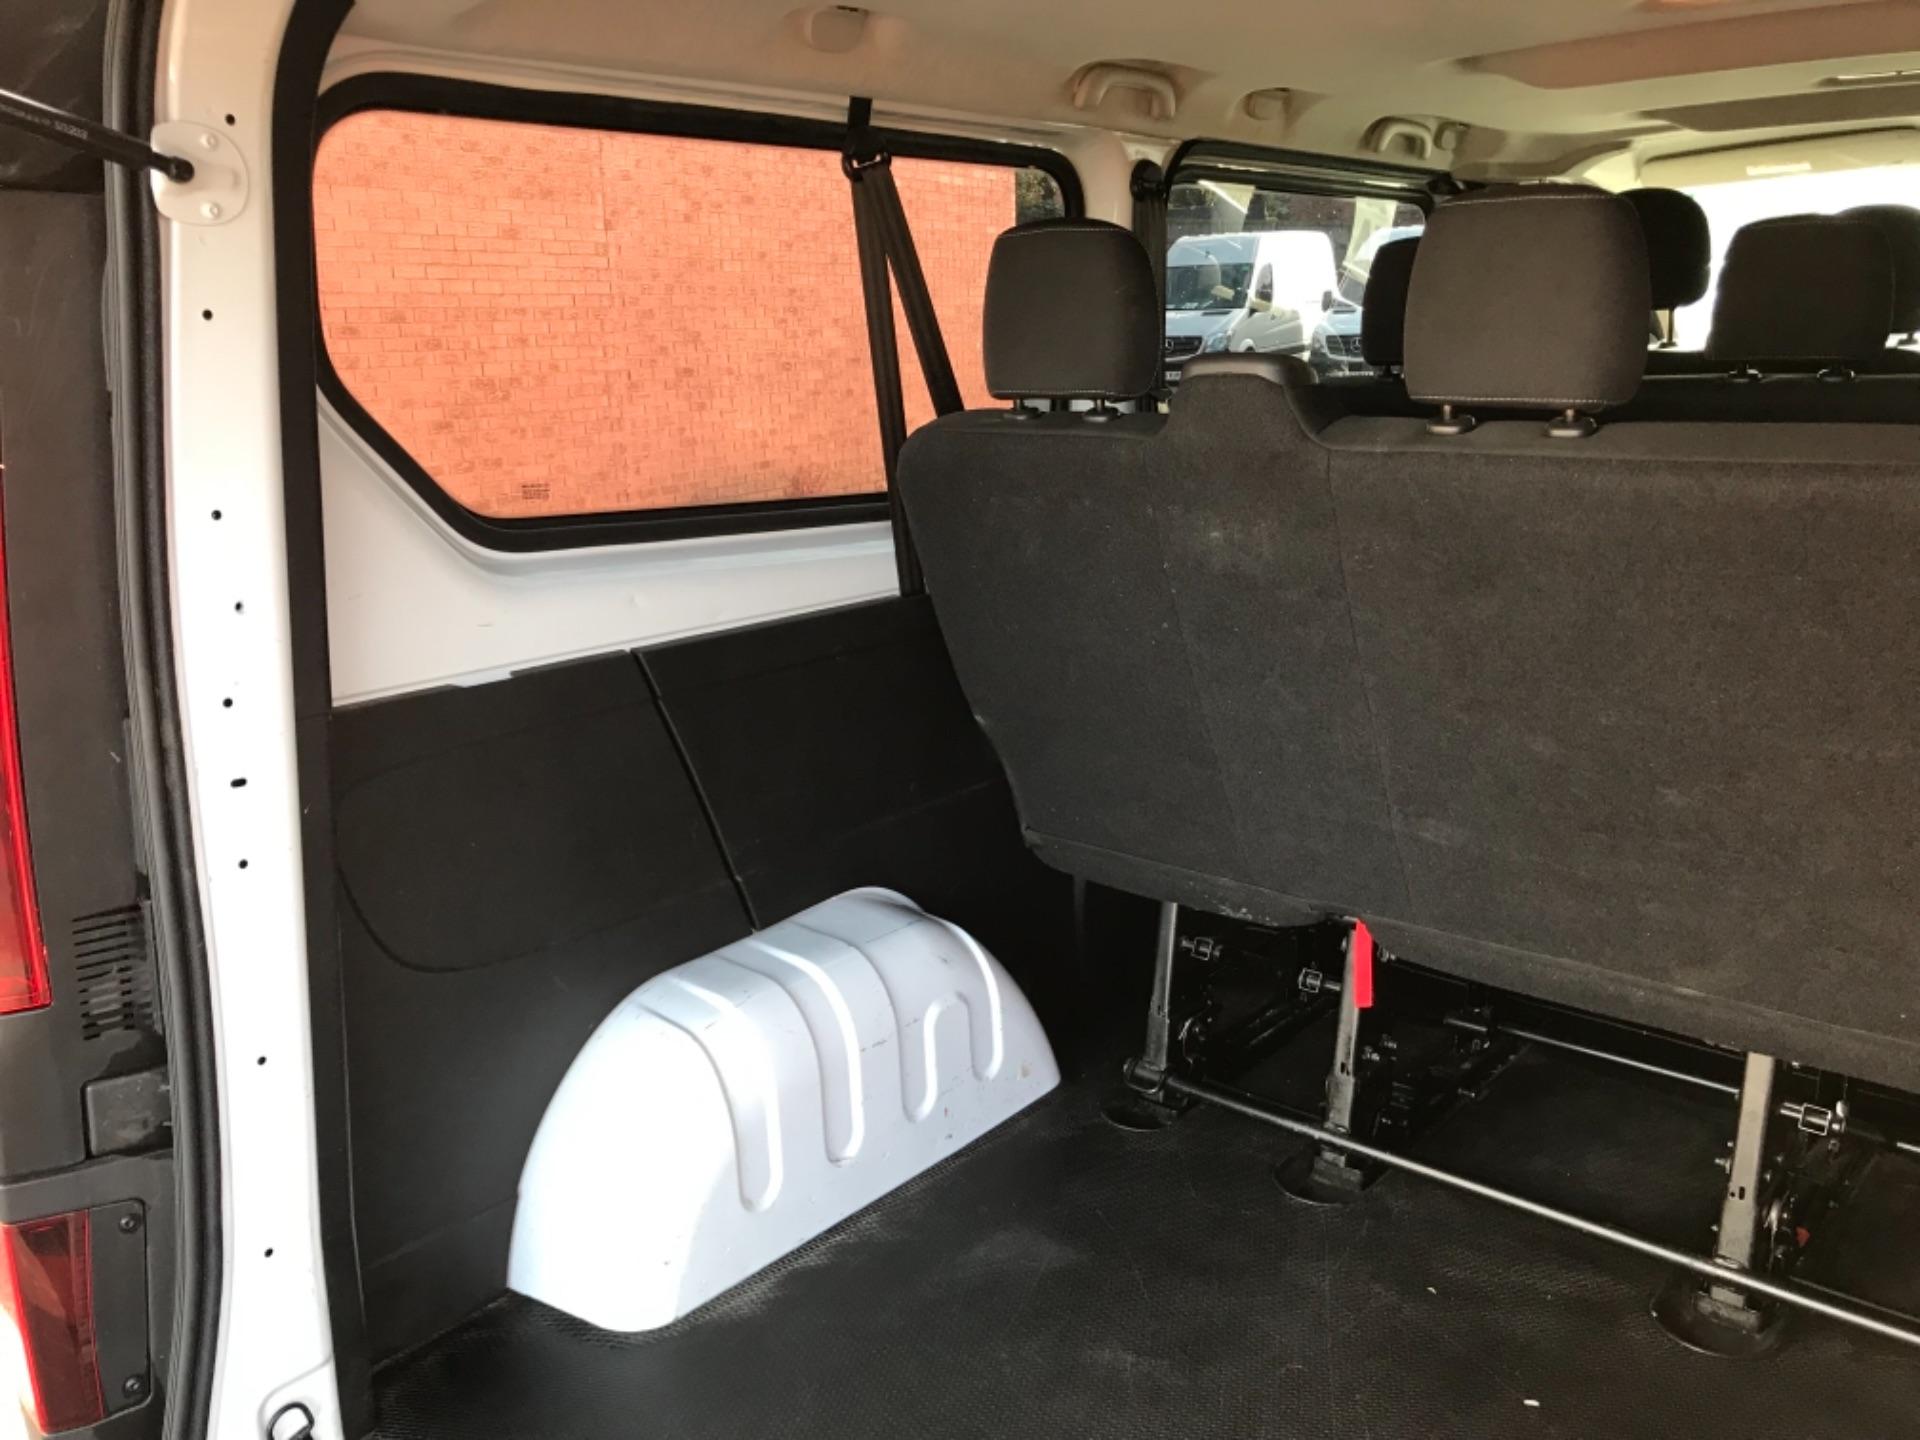 2017 Vauxhall Vivaro 2900 1.6Cdti Biturbo 125Ps H1 Combi 9 Seat EURO 6  (DY17USB) Image 31